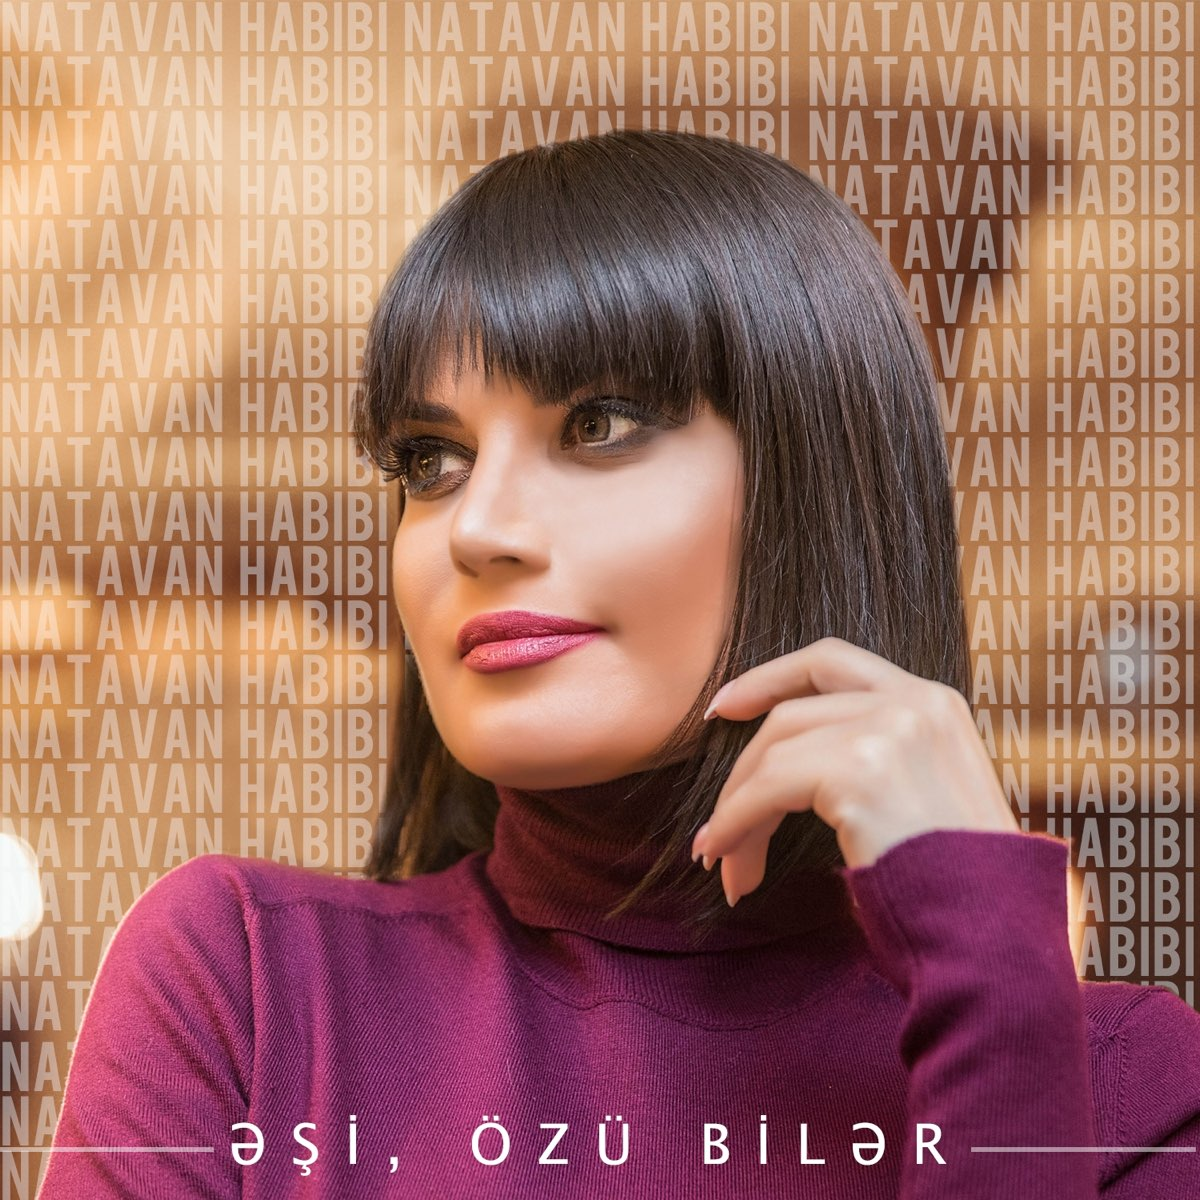 əsi Ozu Bilər Single By Natavan Habibi On Apple Music